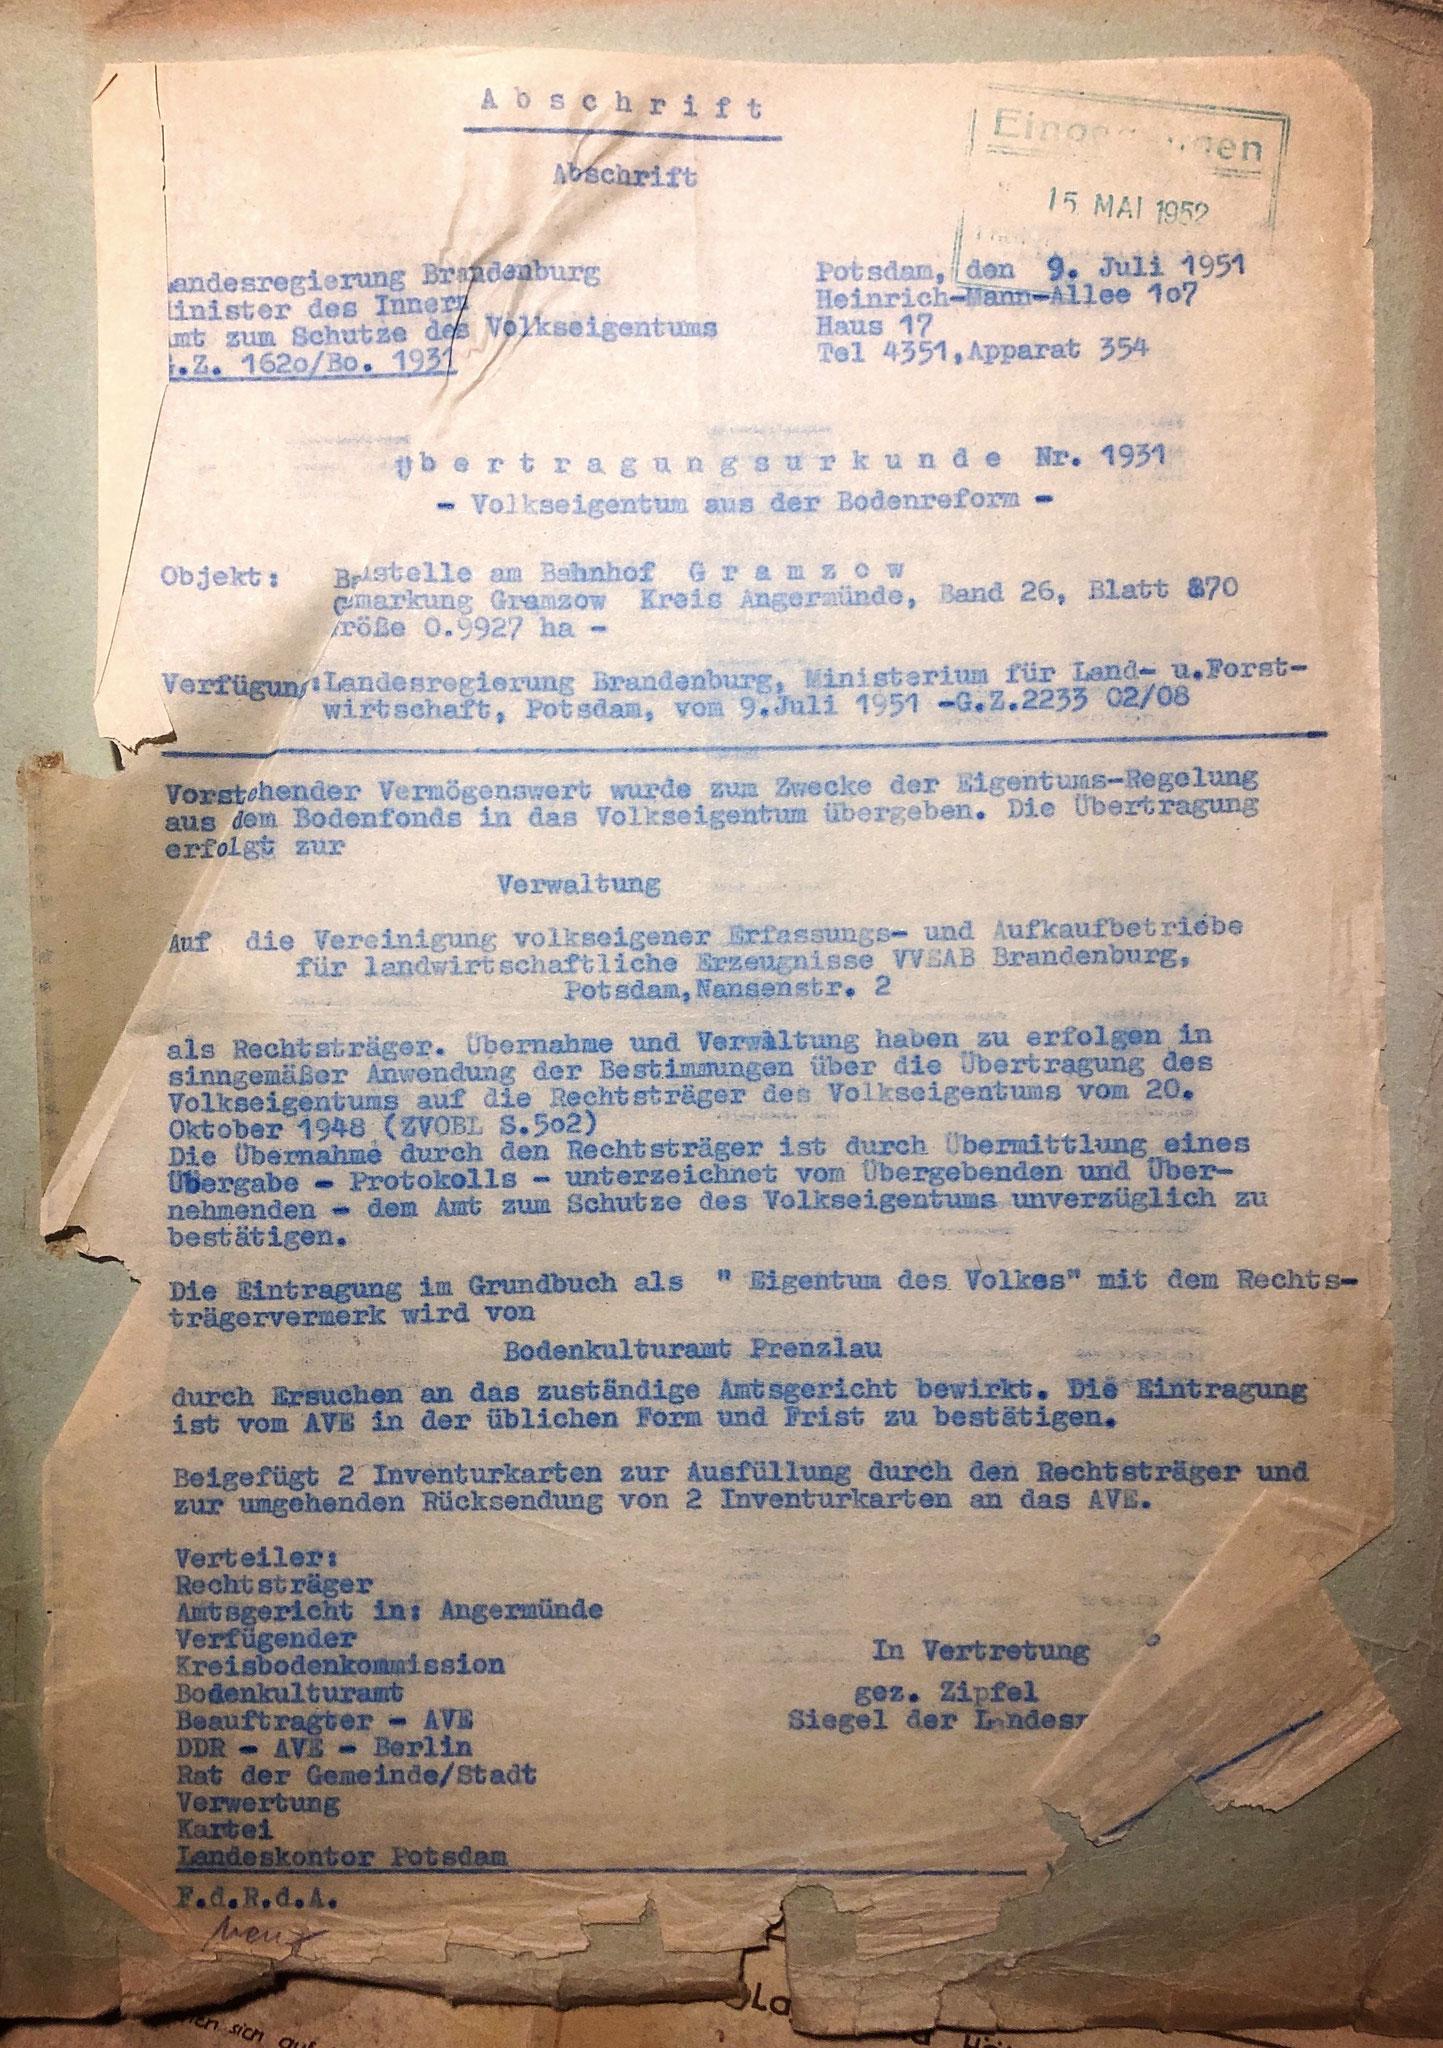 Volkseigentum aus der Bodenreform , Landesregierung Brandenburg 09.07.1951